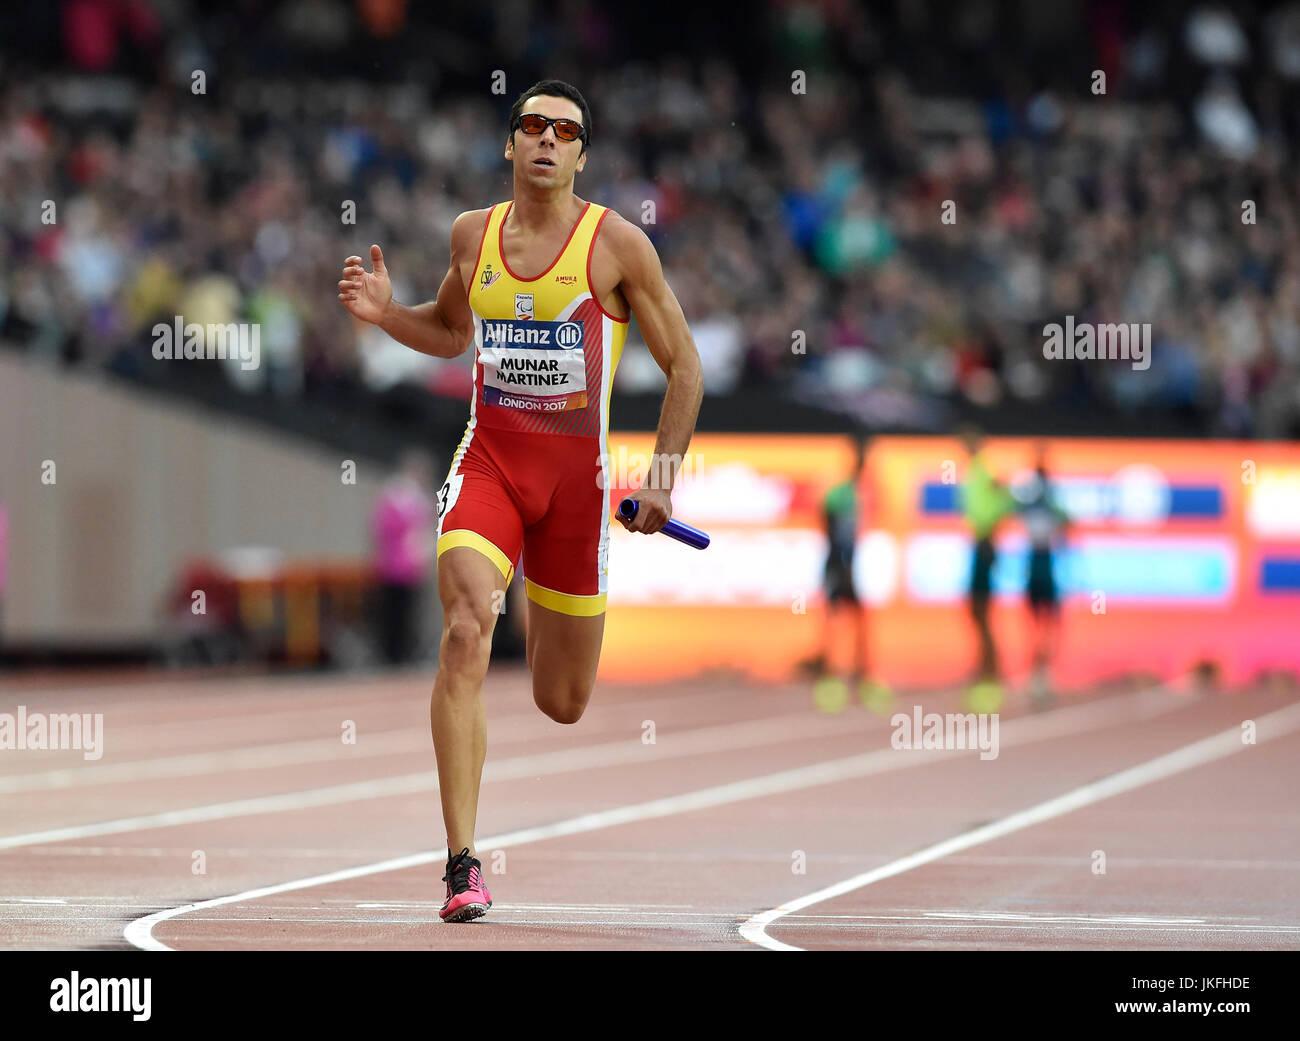 Londres, Angleterre - le 23 juillet 2017: Joan Munar Martinez (EPS) en relais 4x100m T11-13 au cours de la Photo Stock